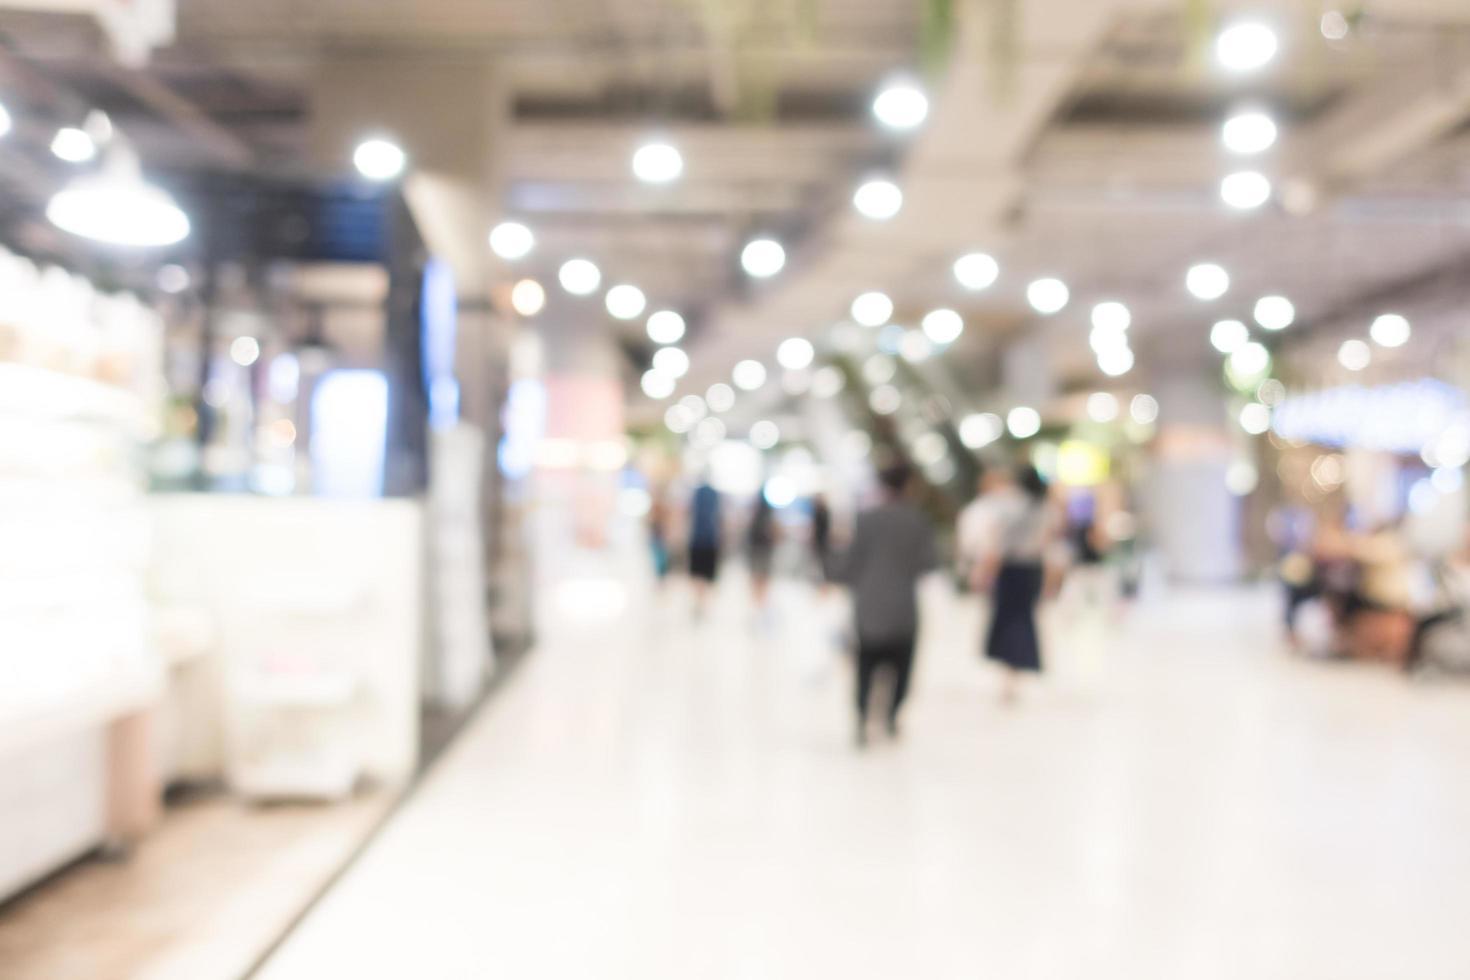 sfocatura astratta centro commerciale foto